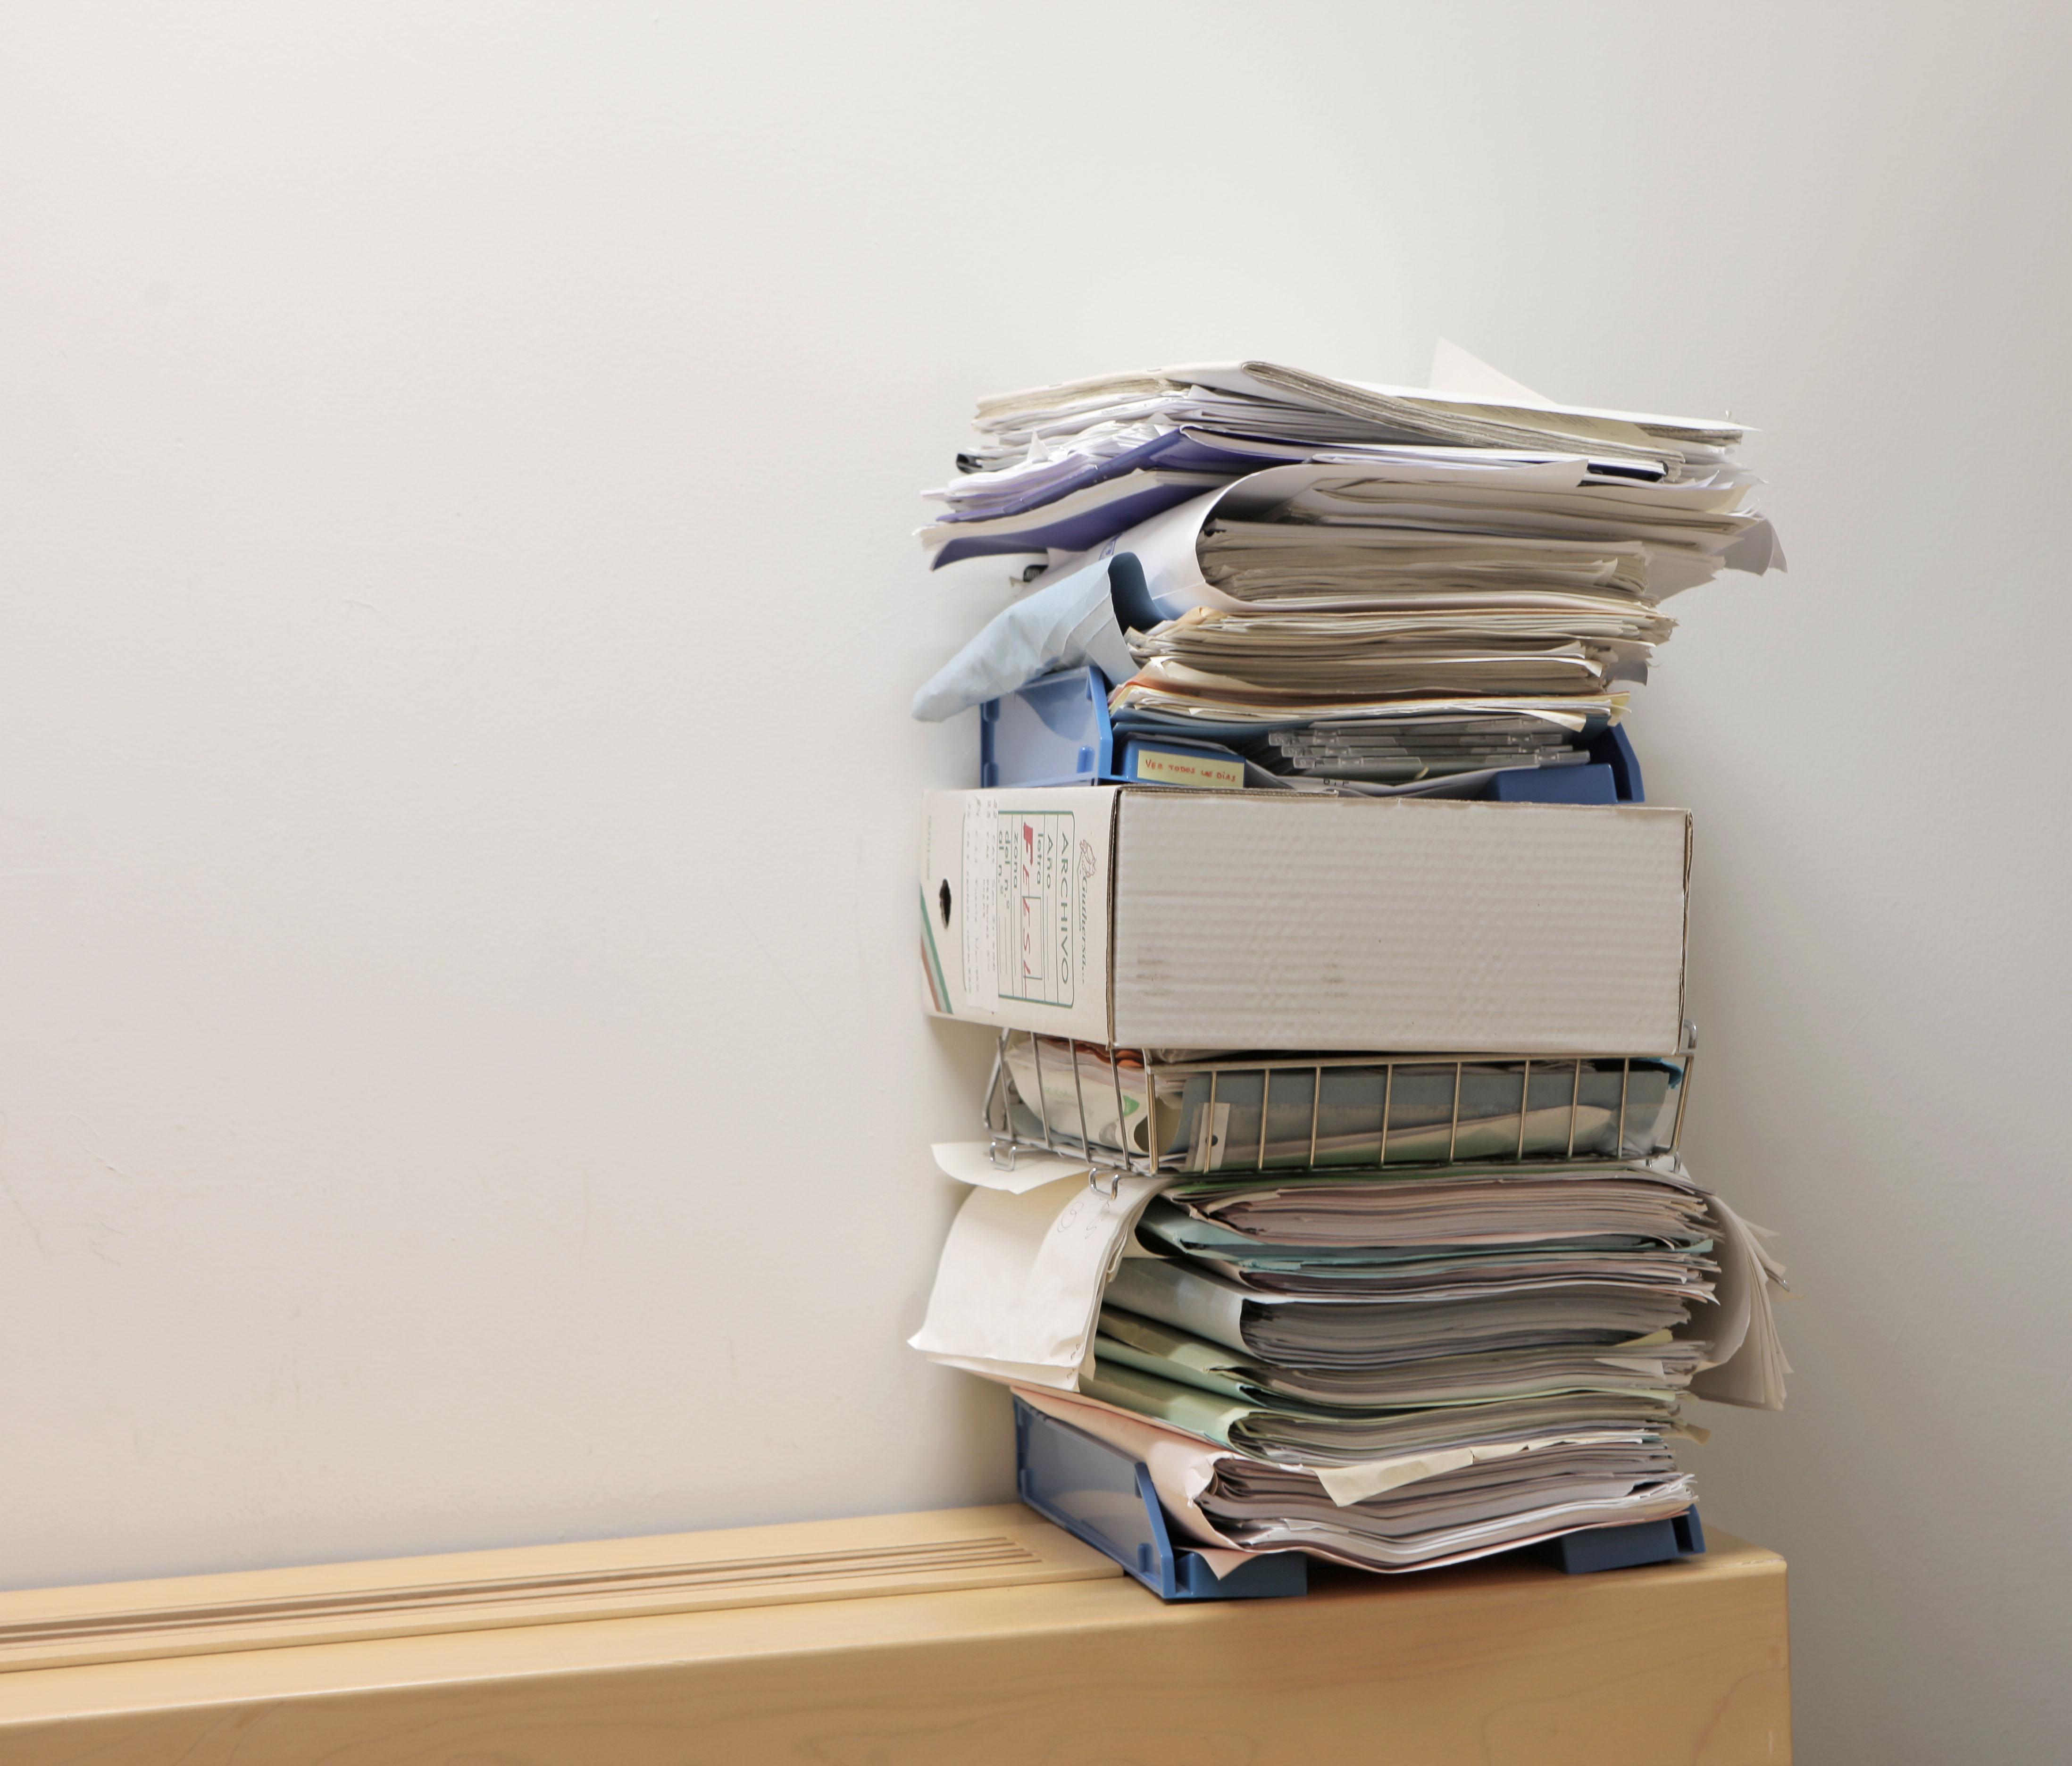 Papeles y archivadores amontonados